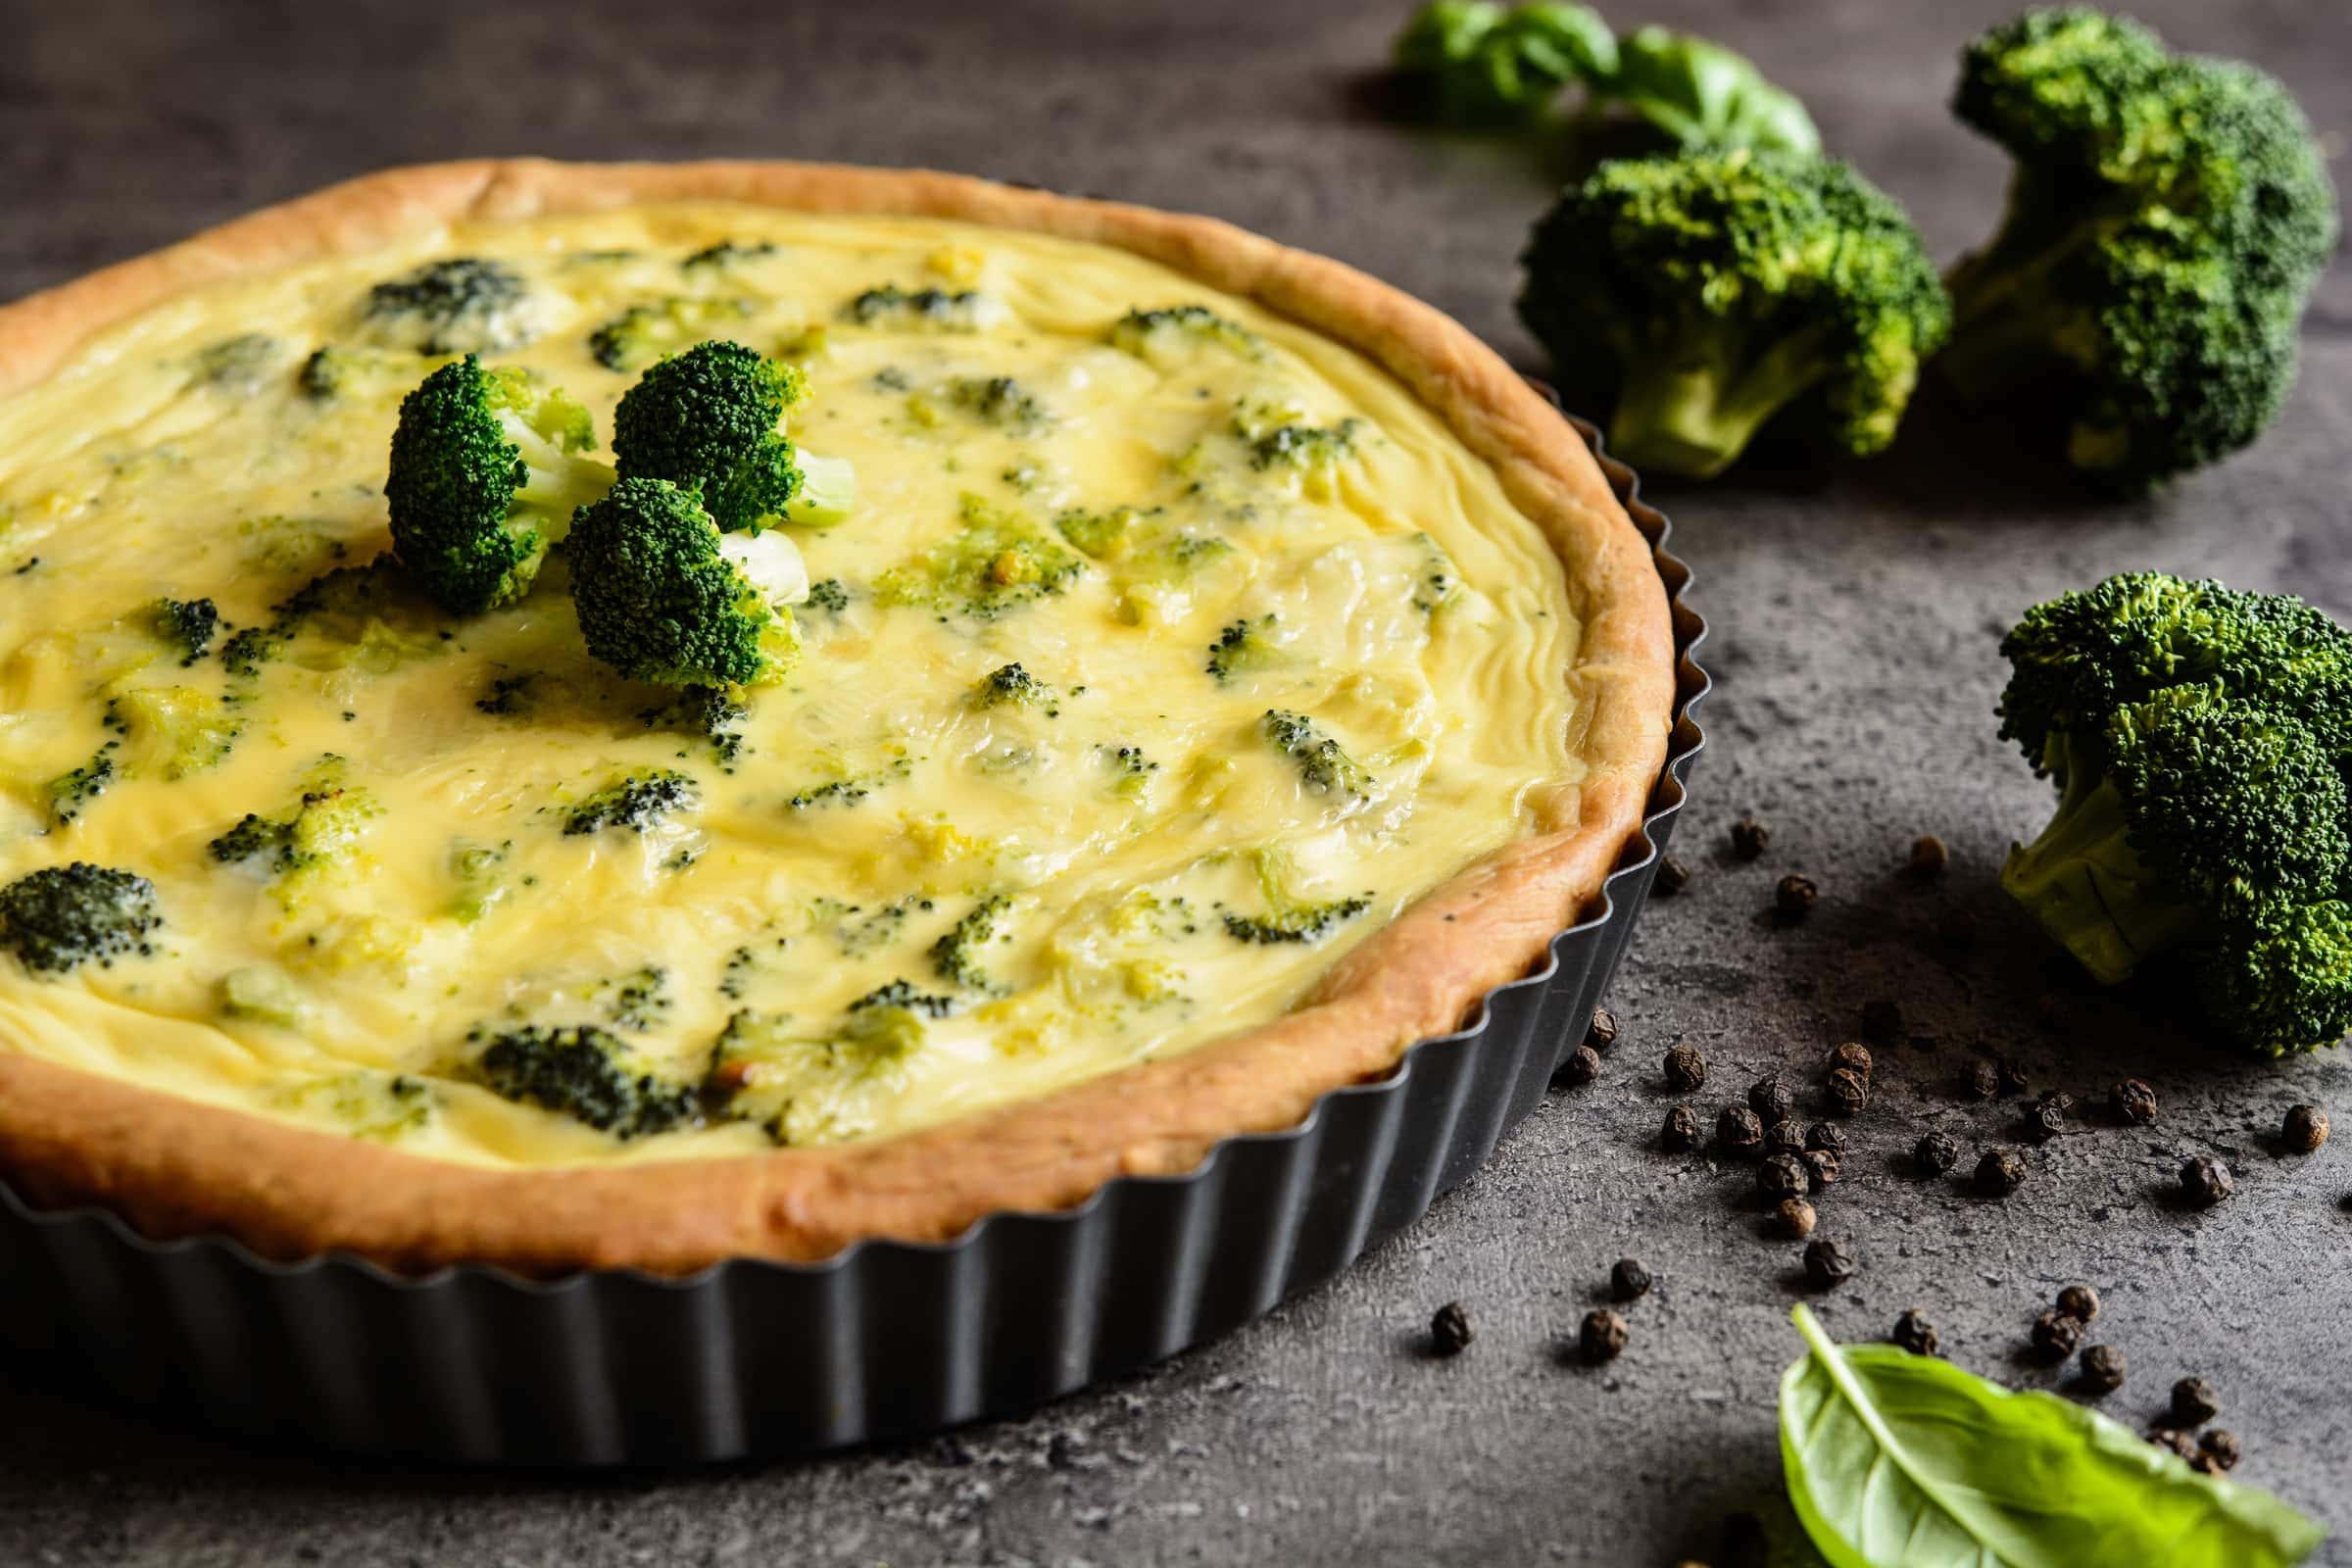 Ricetta Quiche Broccoli.Ricetta Torta Salata Broccoli E Patate Il Club Delle Ricette